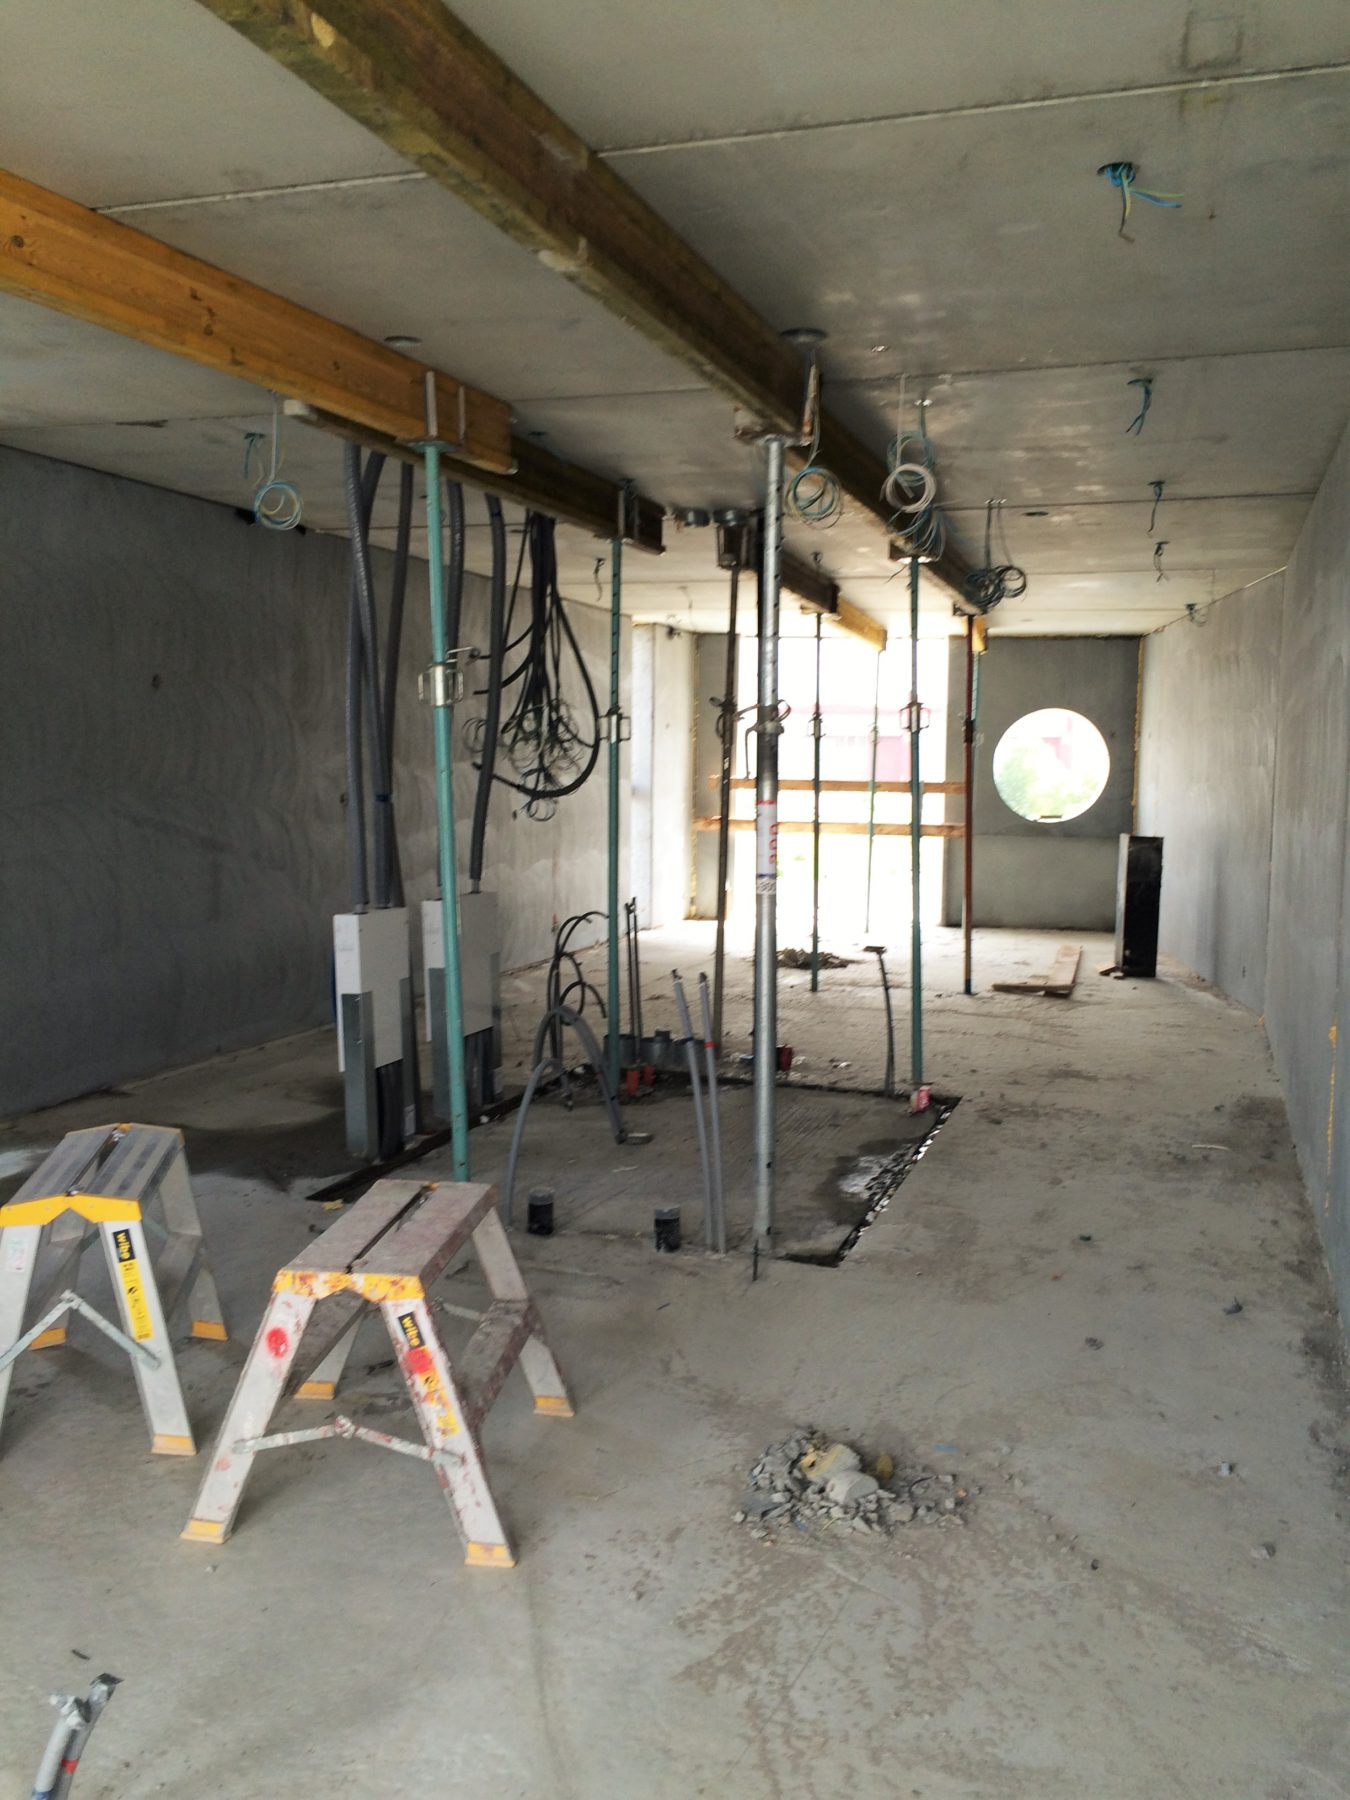 2-rumslägenhet med badrummet i mitten